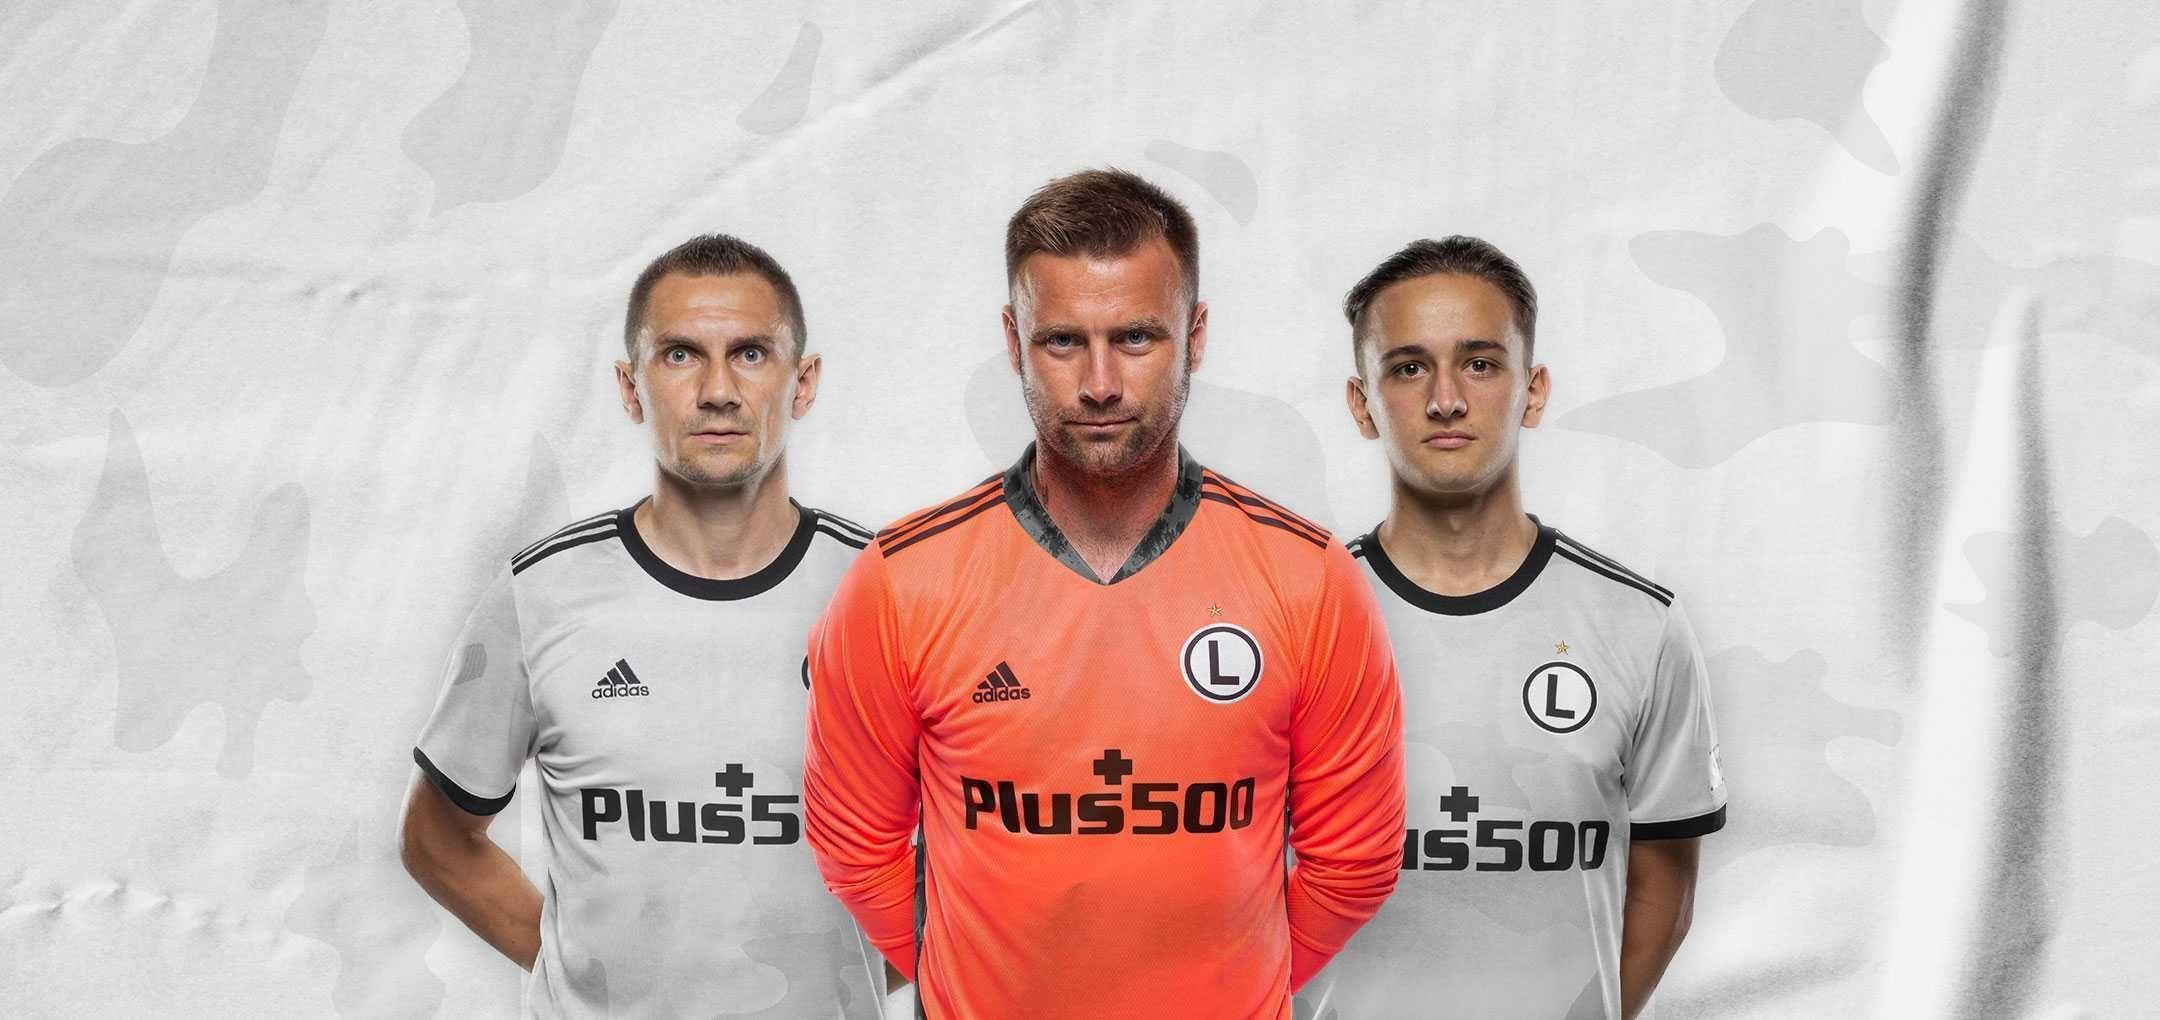 Kup koszulkę meczową – bilet na mecz ze Śląskiem otrzymasz gratis!